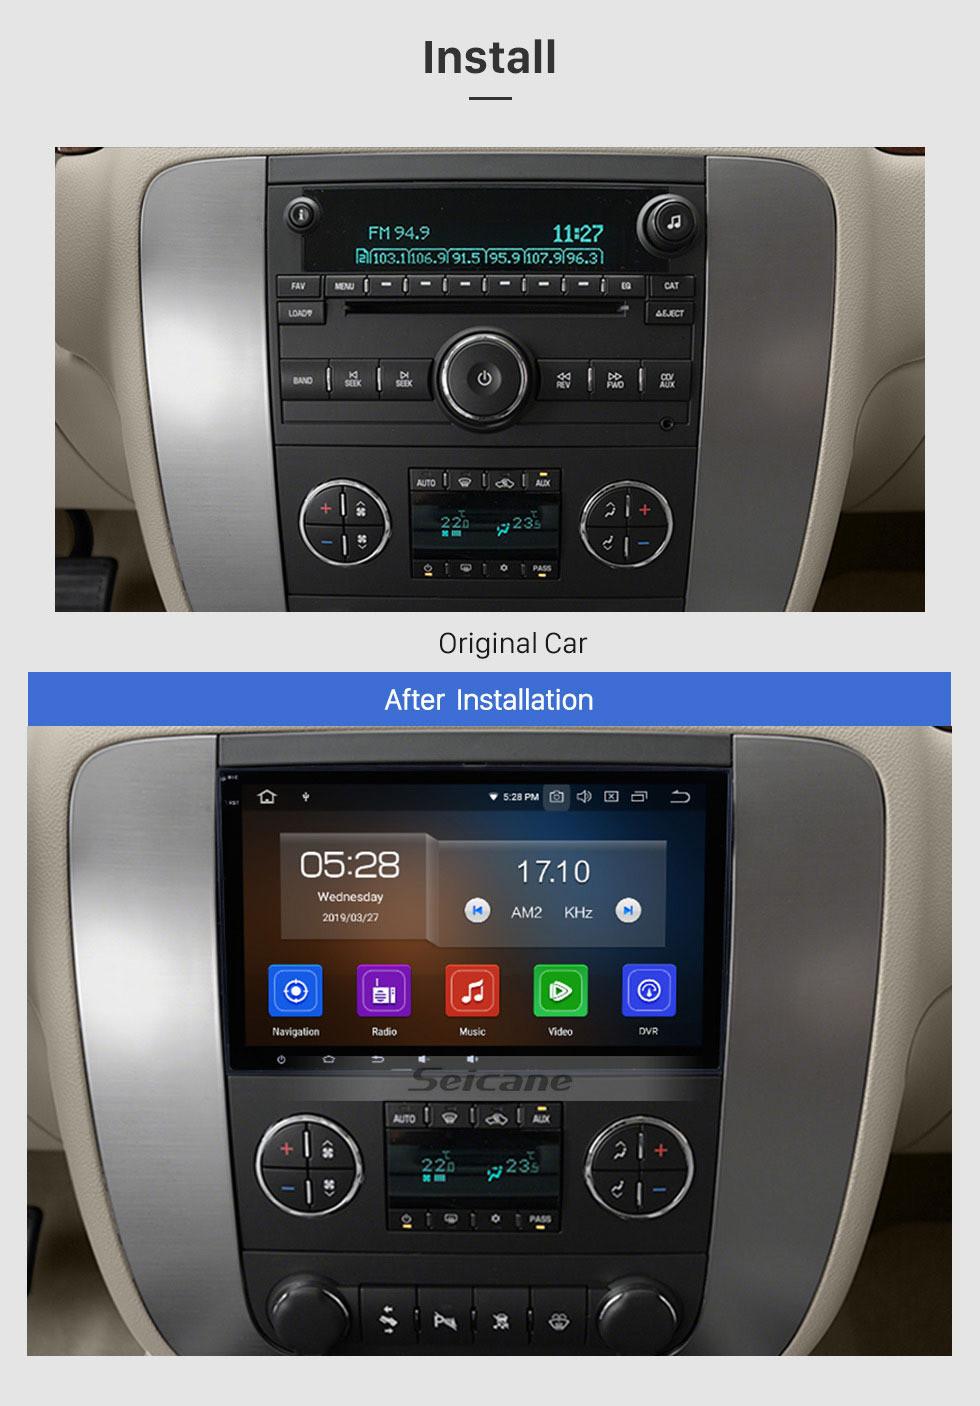 Seicane OEM 8 Zoll Android 9.0 HD Touchscreen Autoradio Haupteinheit für 2008 2009 2010 2011 GMC Savana Volle Größe Van GPS Navigation Bluetooth WIFI Unterstützung Spiegel Link USB DVR 1080 P Video Lenkradsteuerung